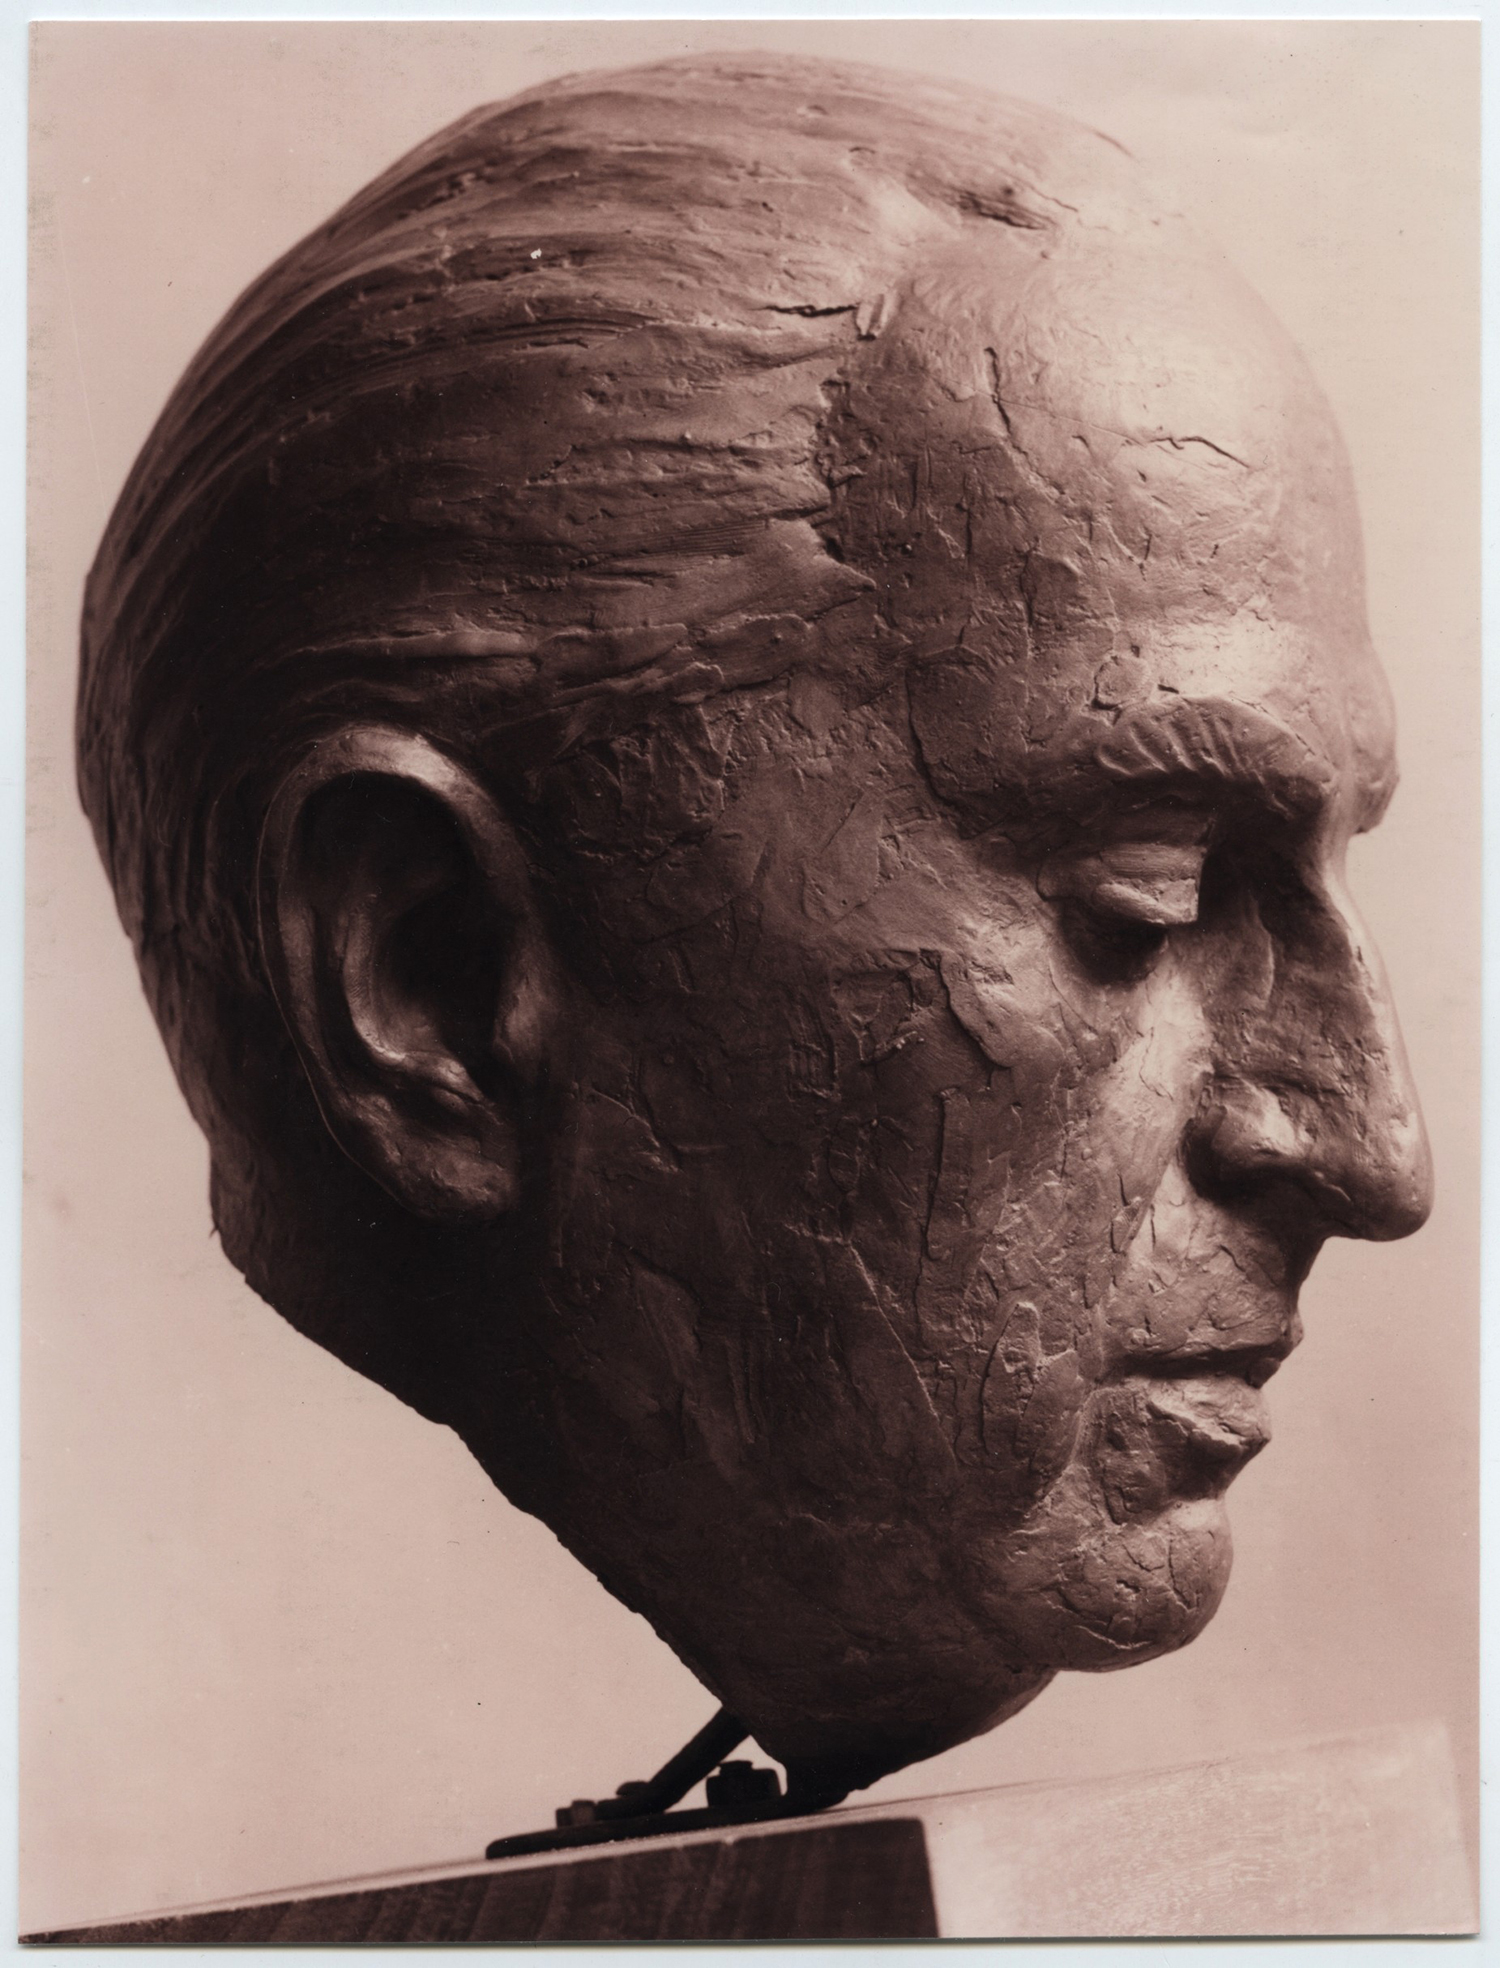 1961.4. Cabeza del doctor Gregorio Marañón, bronce, 43x27x28 cms. Hospital Gregorio Marañón de Madrid. 1961